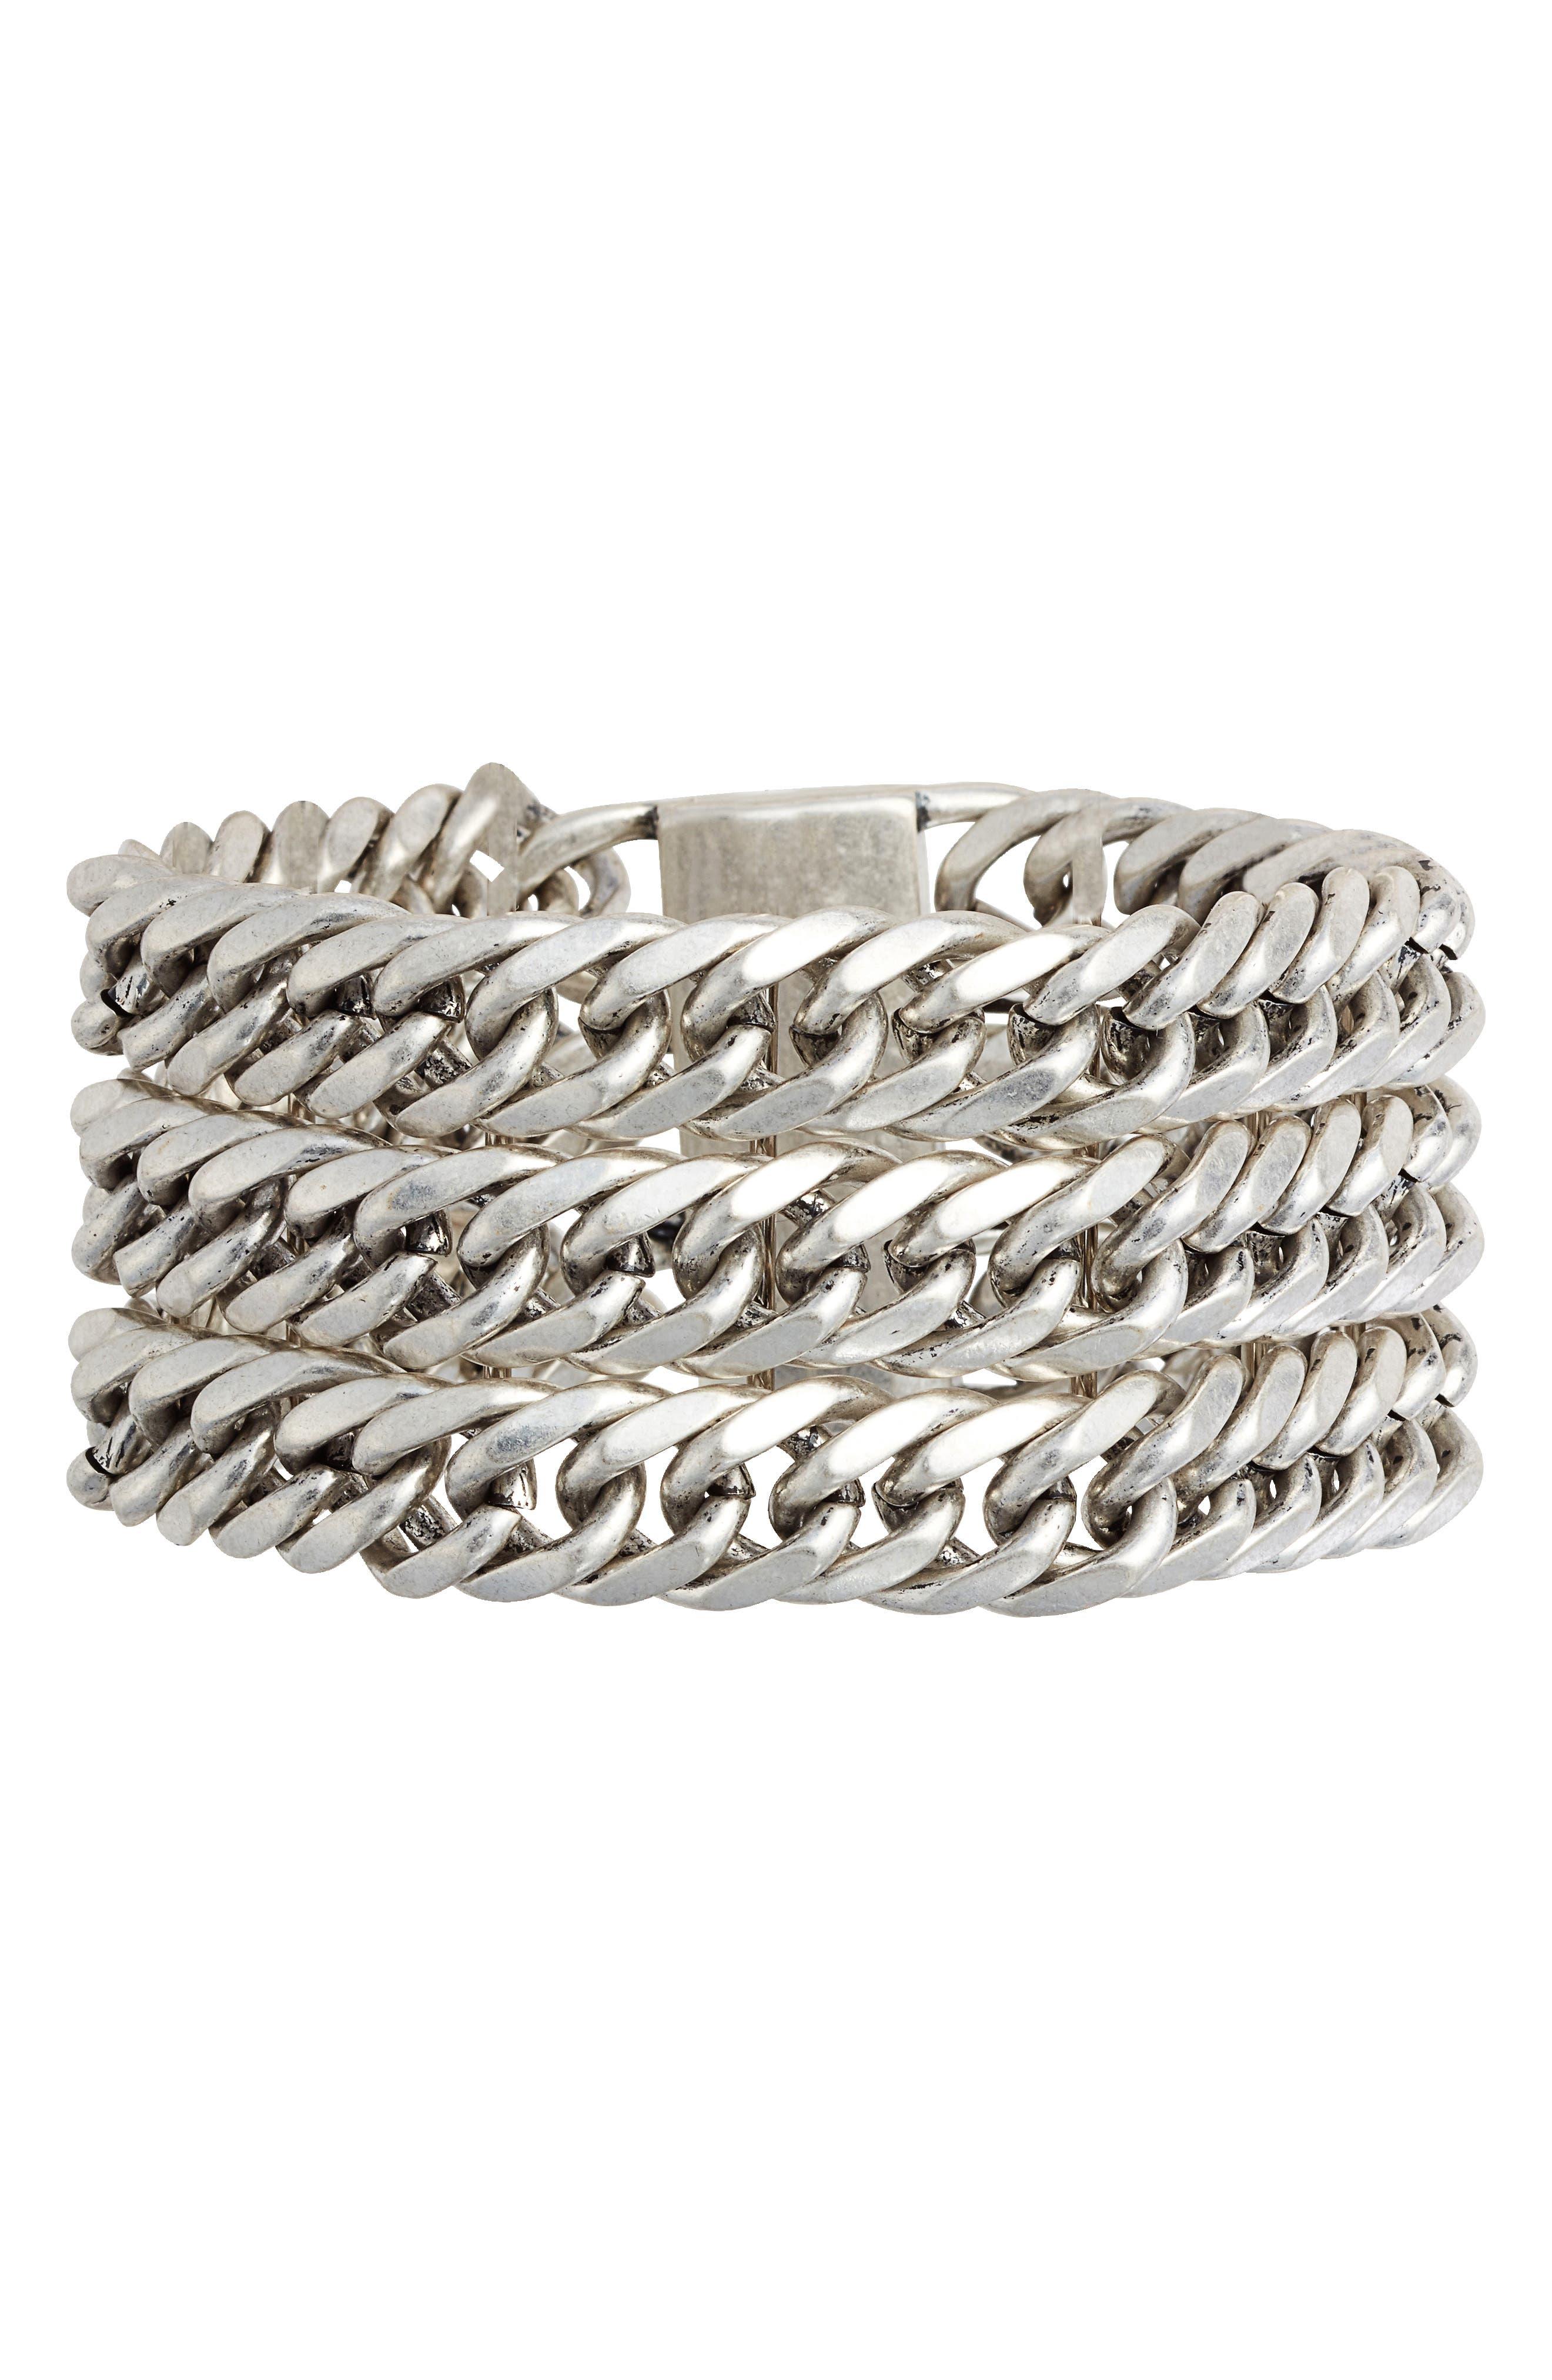 Always Hustlin' Bracelet,                         Main,                         color, 040